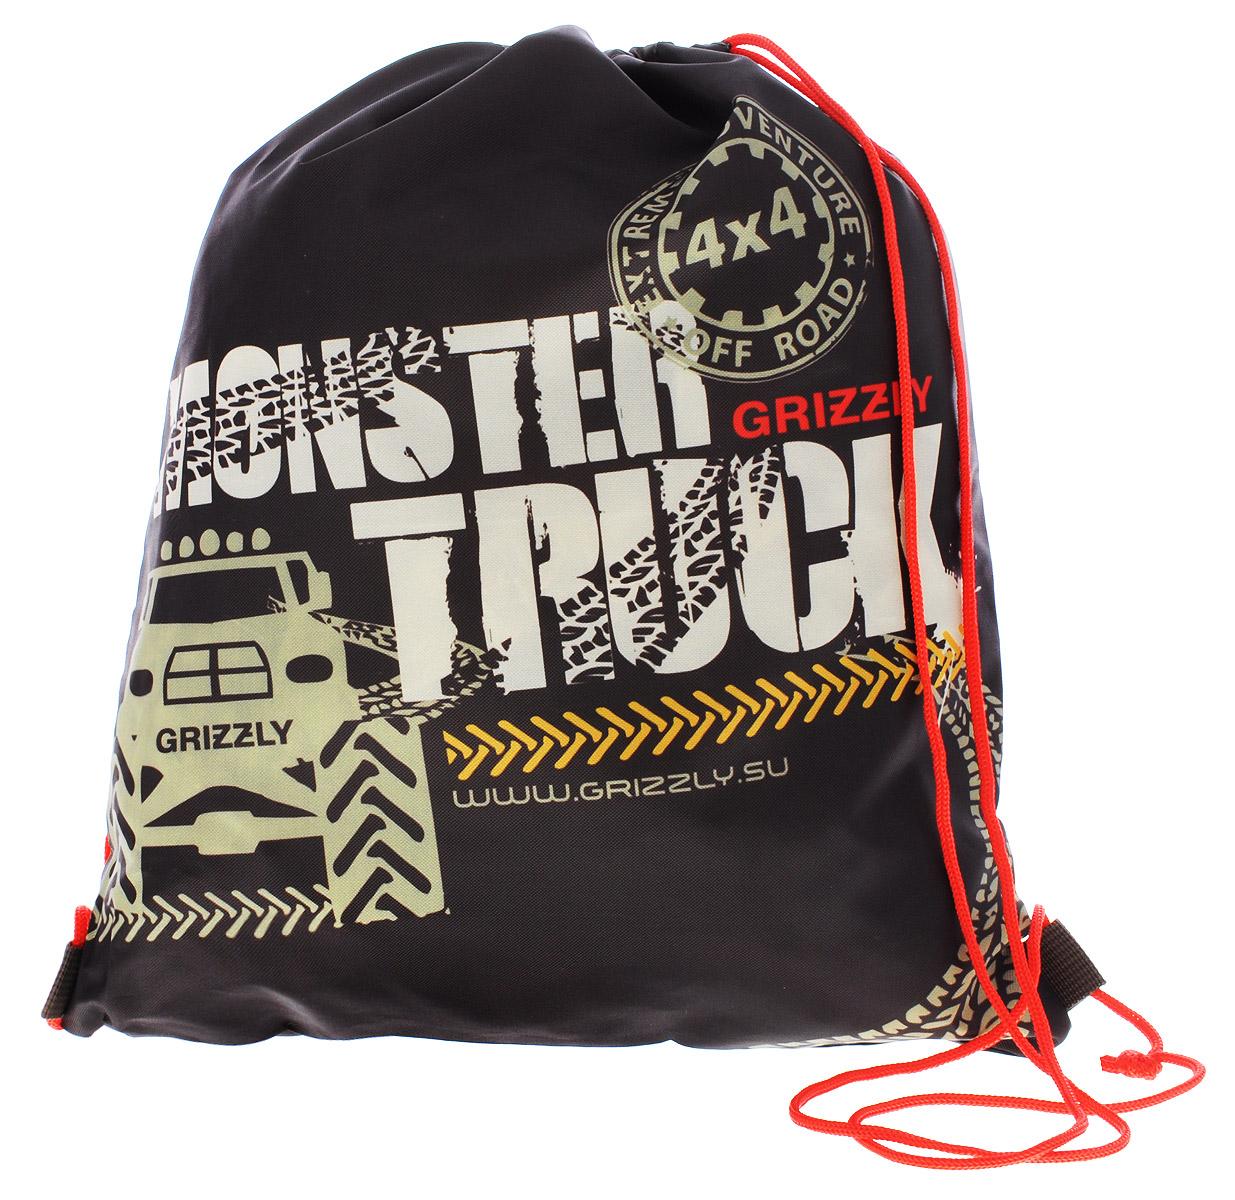 Grizzly Мешок для обуви Monster Truck72523WDМешок для обуви Grizzly Monster Truck идеально подойдет как для хранения, так и для переноски сменной обуви и одежды.Мешок изготовлен из ткани Оксфорд с водоотталкивающей пропиткой и содержит одно вместительное отделение, затягивающееся с помощью текстильных шнурков. Плотная прочная ткань надежно защитит сменную обувь и одежду школьника от непогоды, а удобные шнурки позволят носить мешок, как в руках, так и за спиной.Ваш ребенок с радостью будет ходить с таким аксессуаром в школу!Уход: протирать мыльным раствором (без хлора) при температуре не выше 30 градусов.